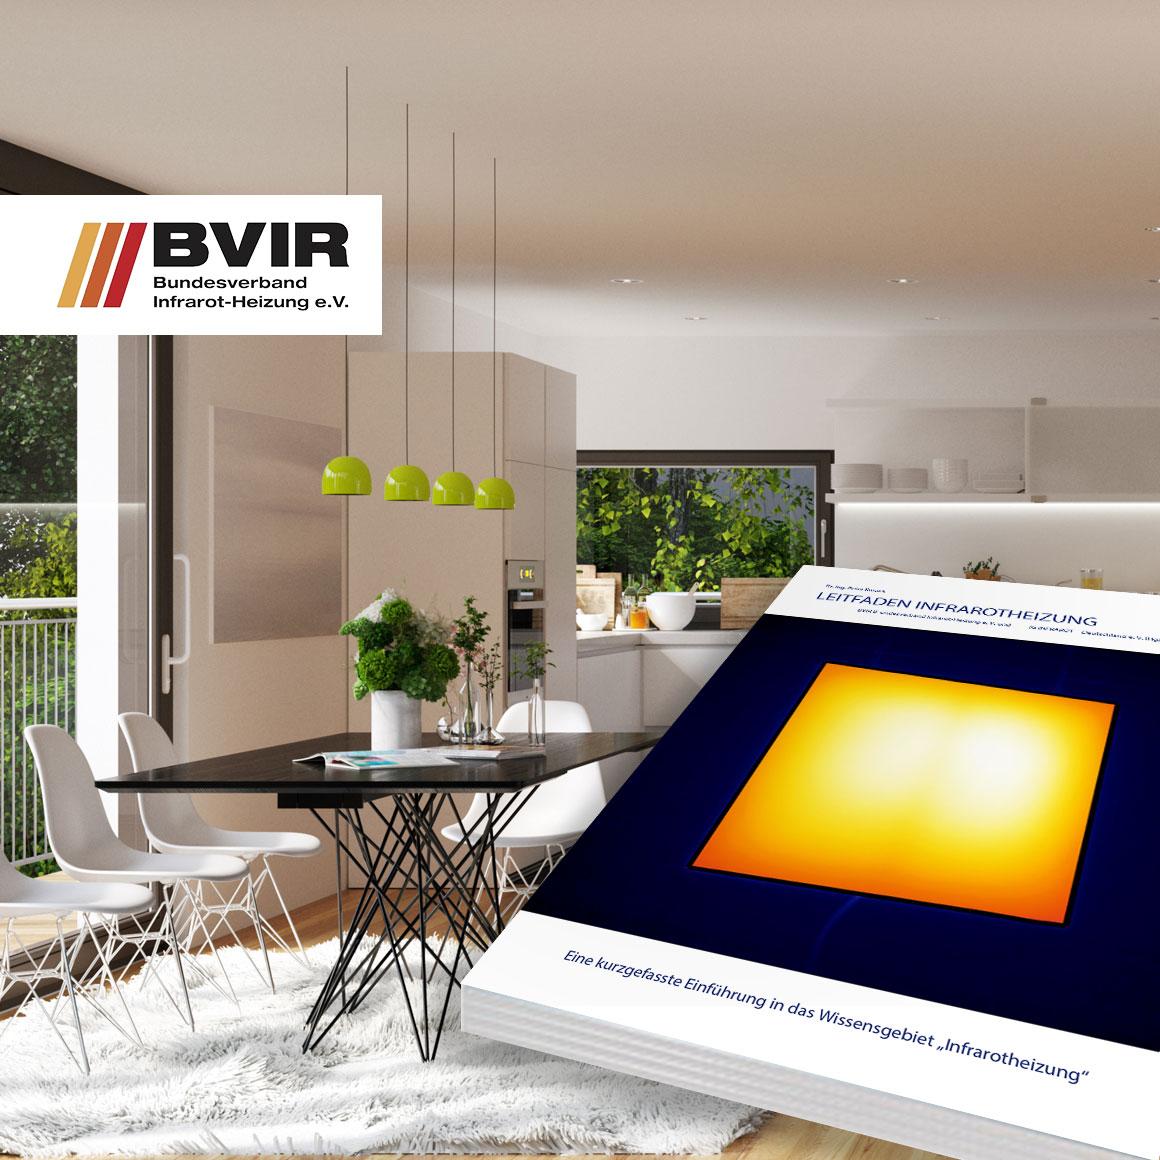 Wissenschaftliche Erkenntnisse zur Infrarotheizung BVIR